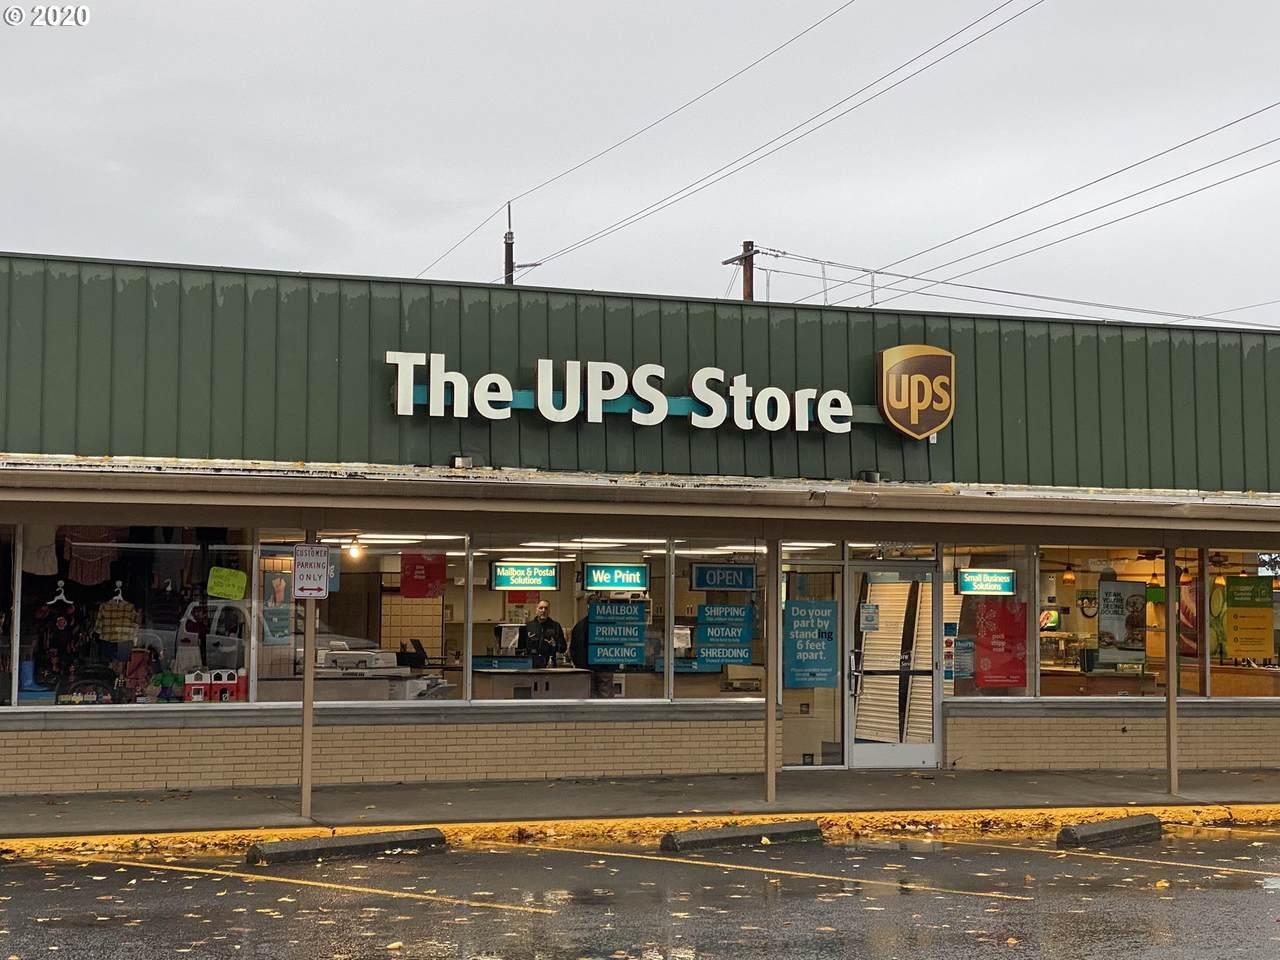 38954 Proctor Blvd. - Ups - Photo 1